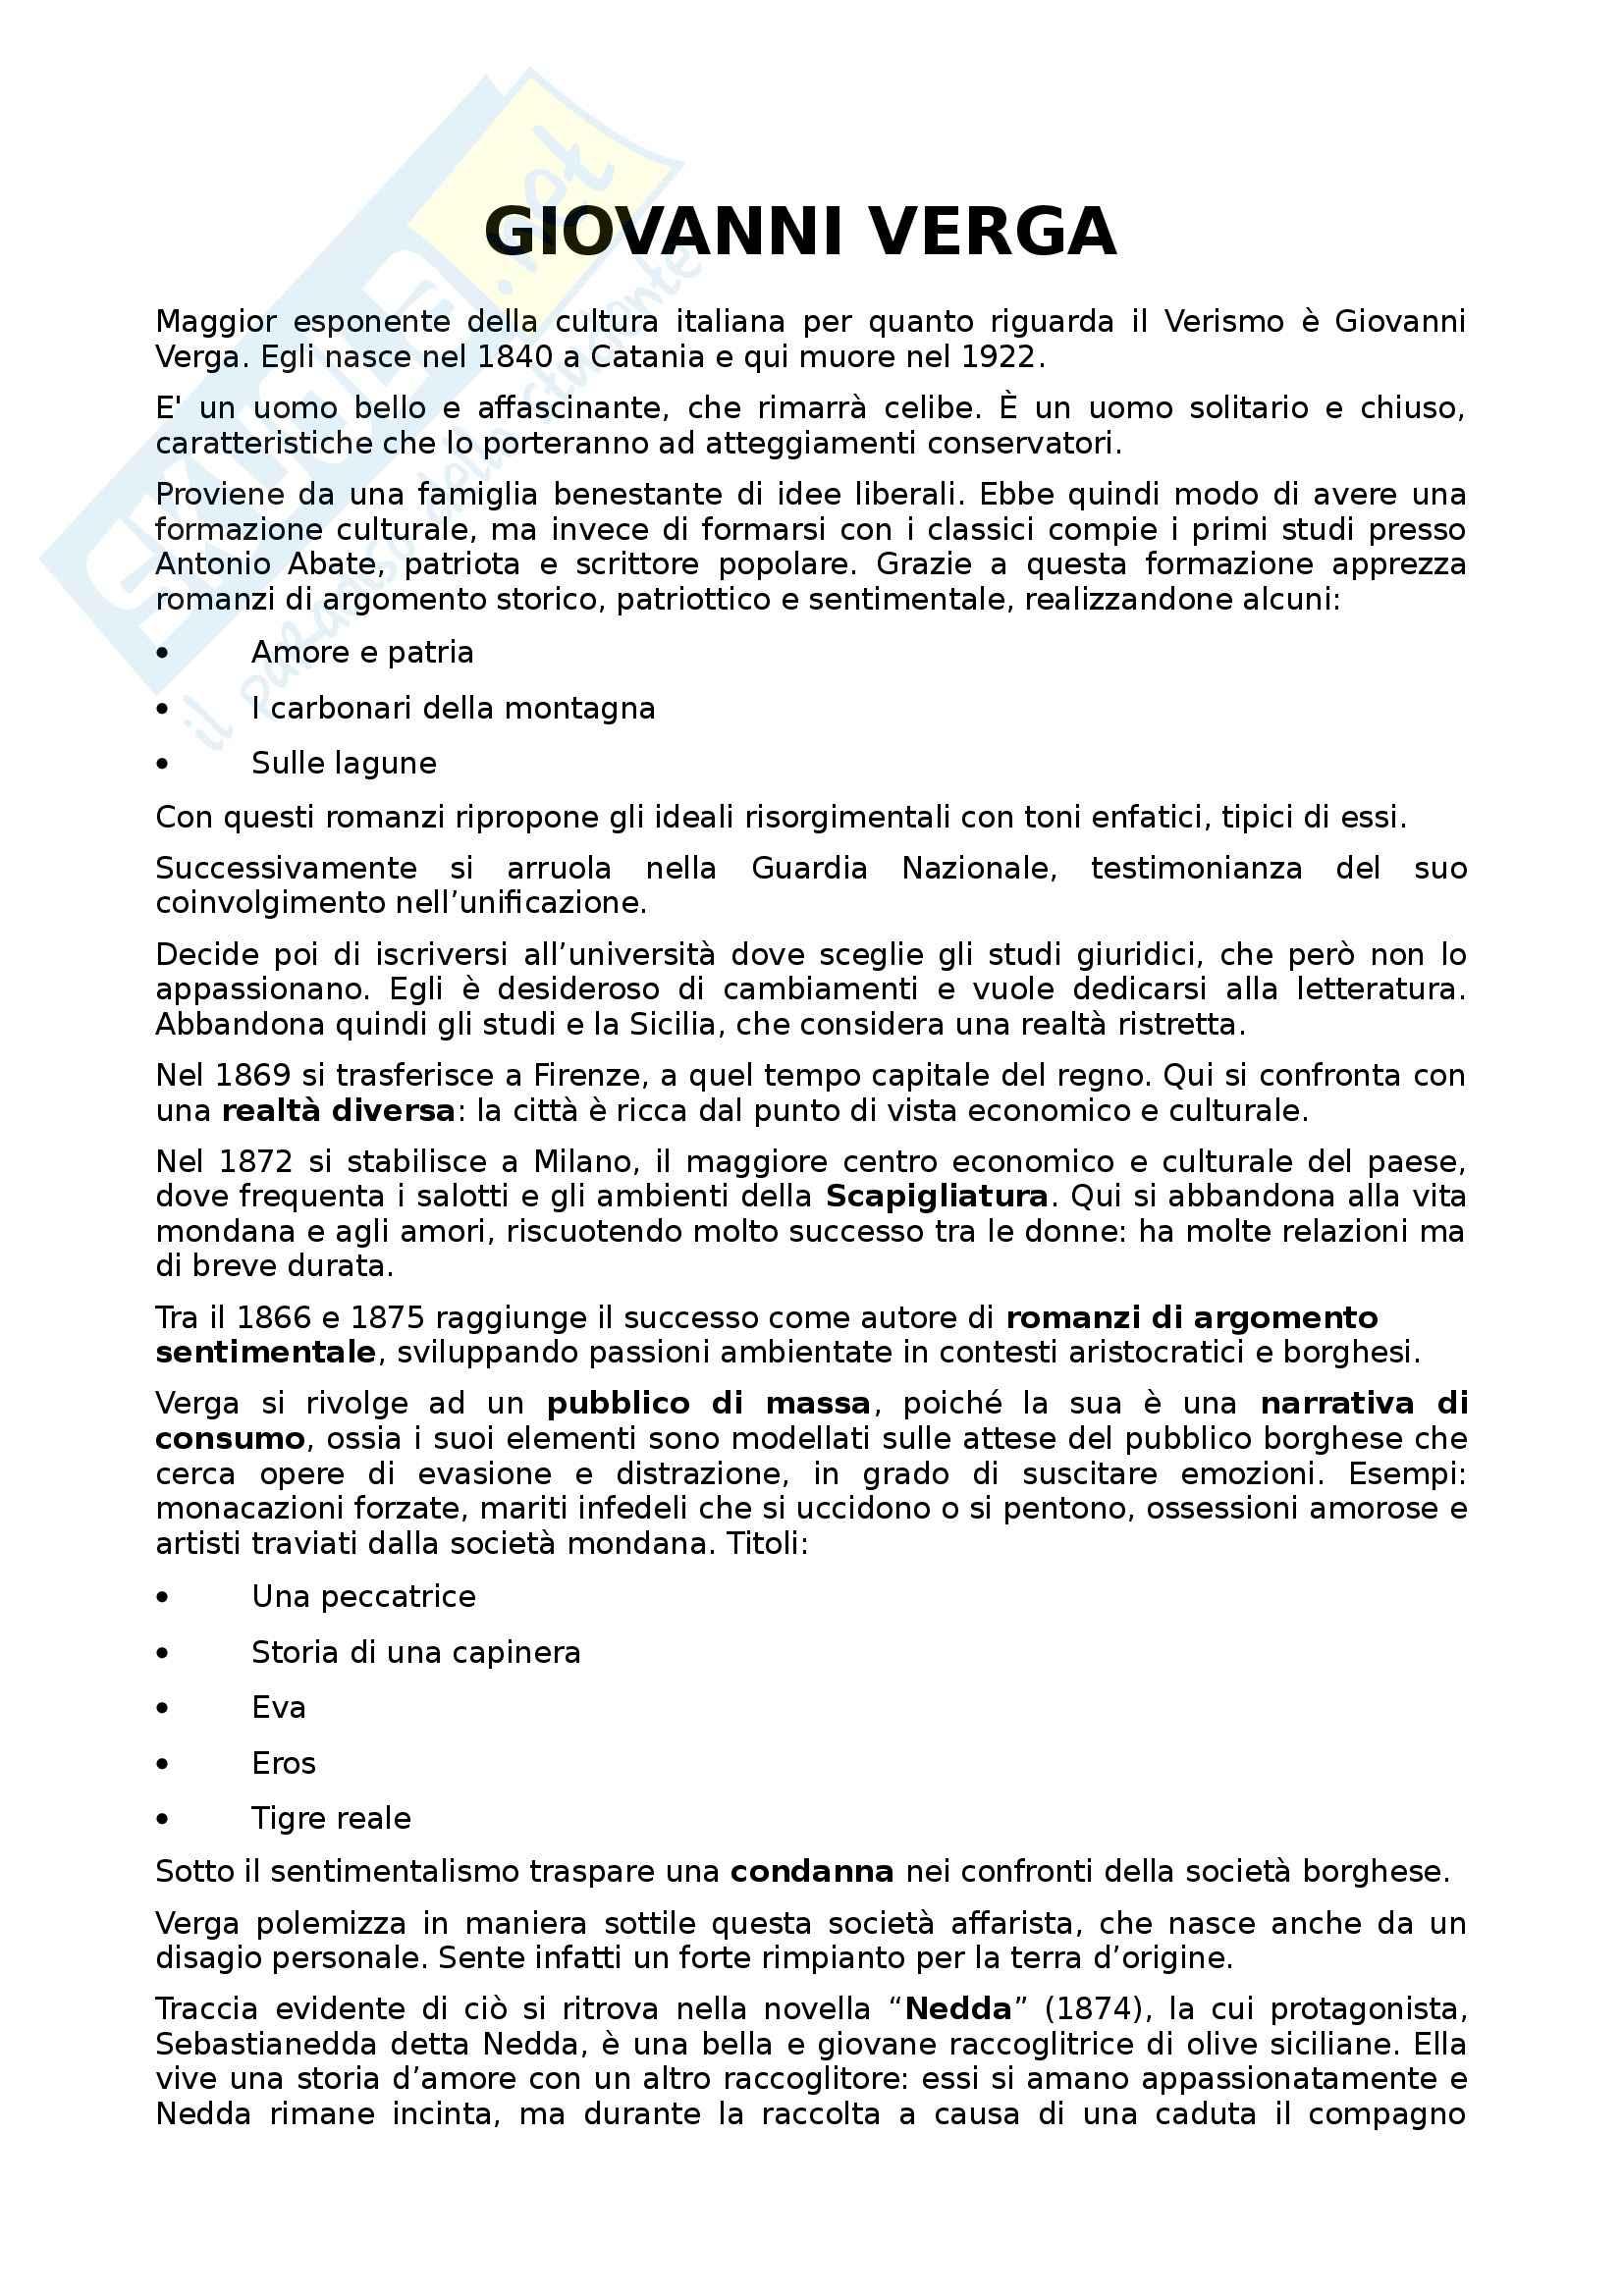 Letteratura italiana - Giovanni Verga